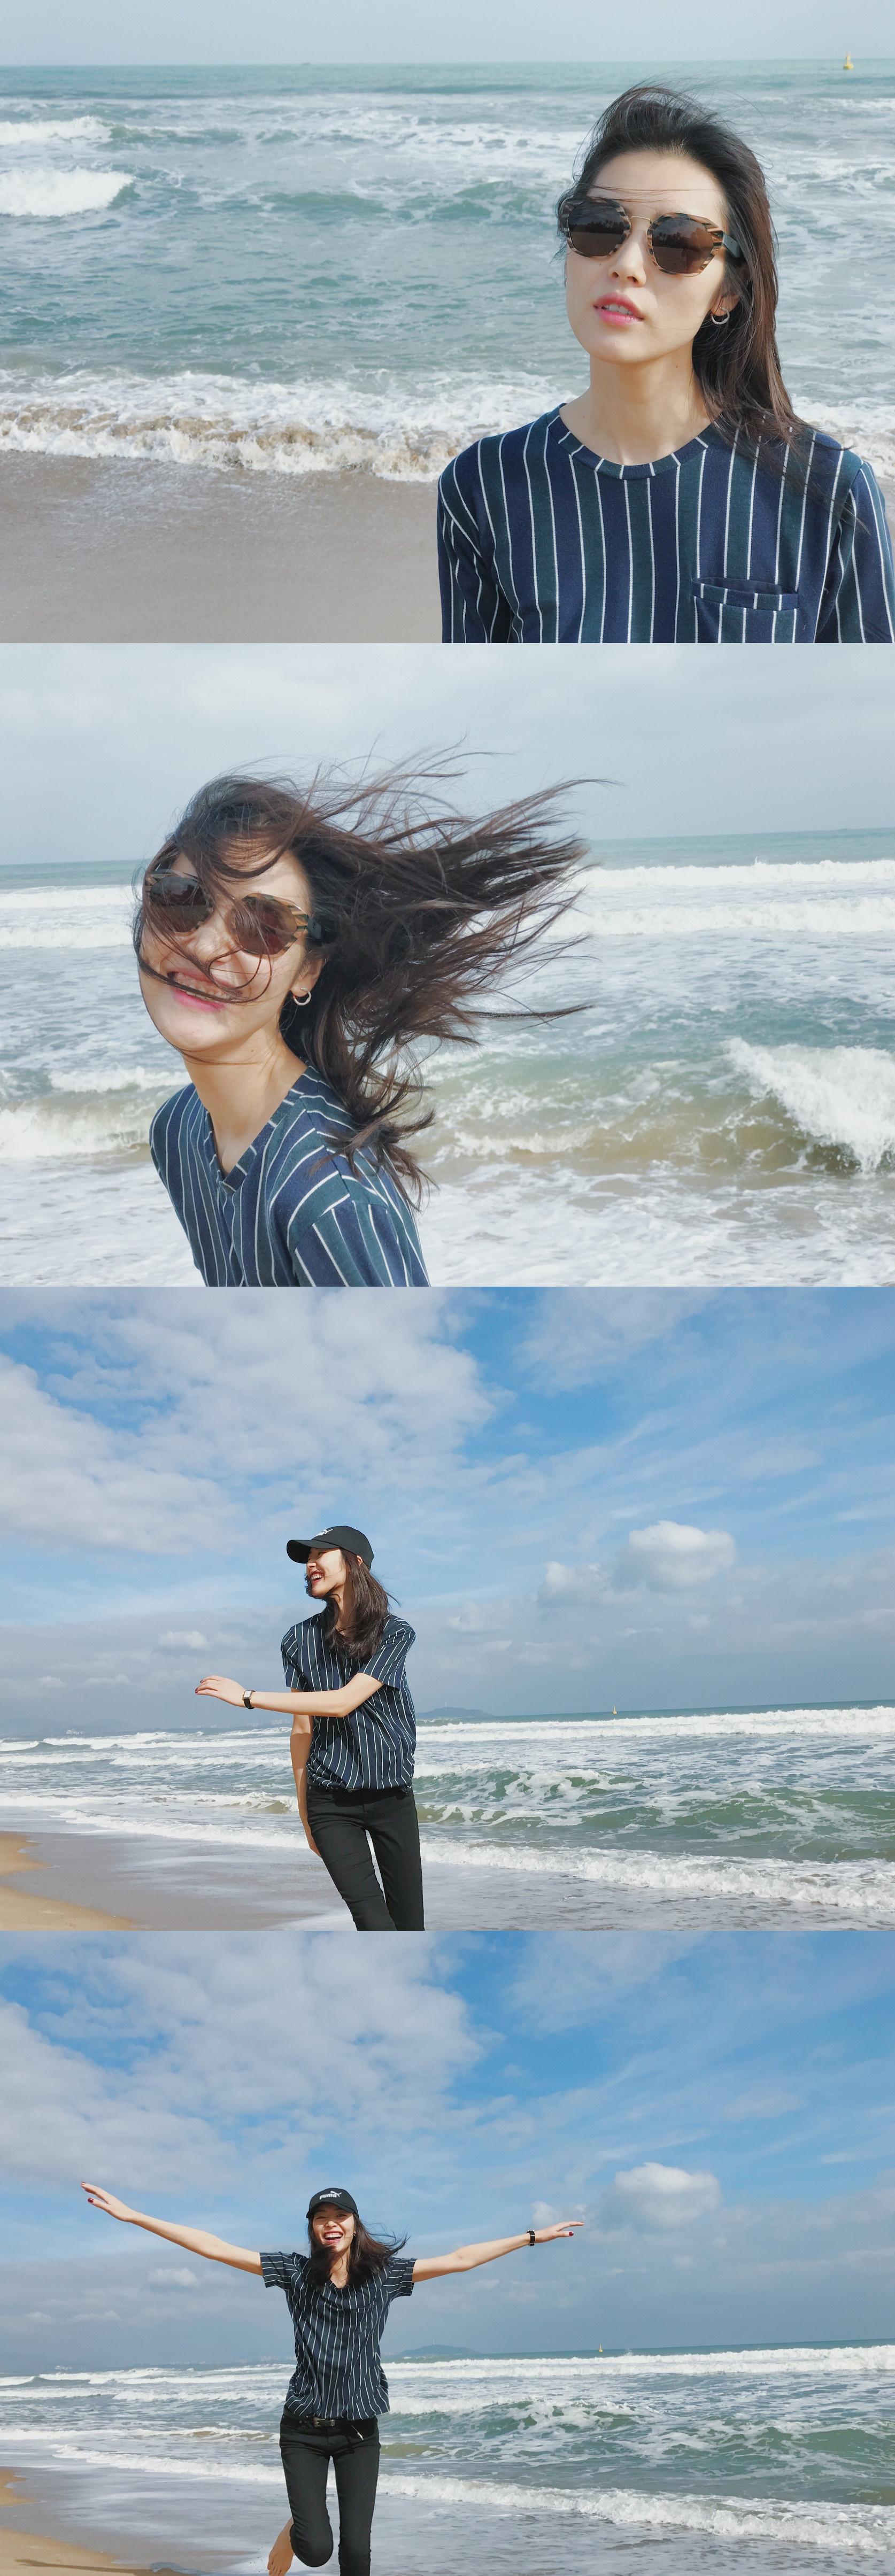 刘雯私照合集 简直就是女生旅行的拍照范本